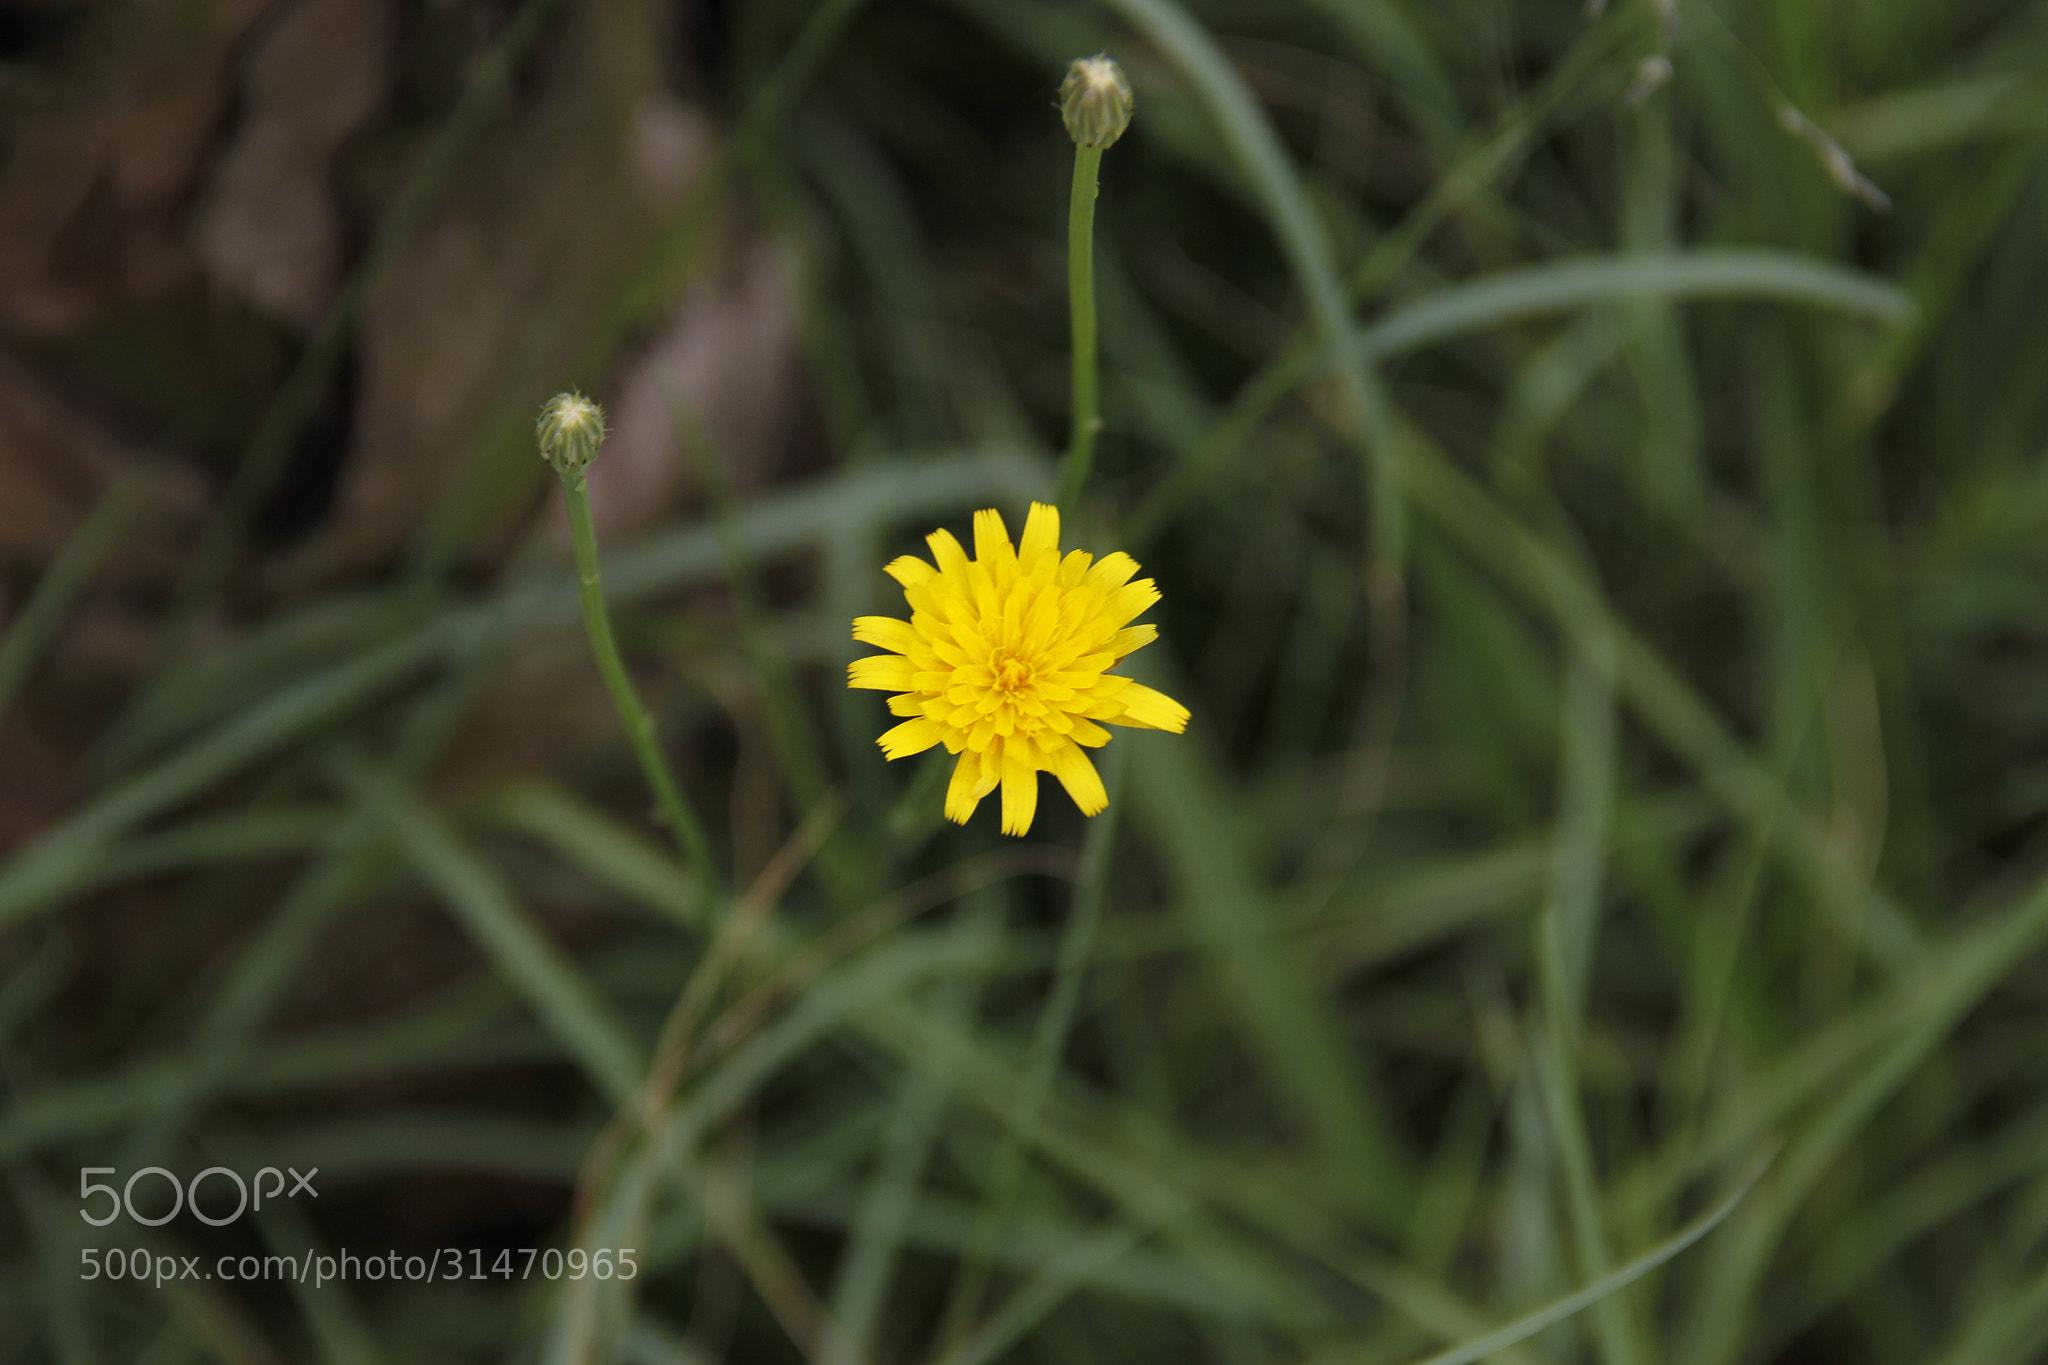 Photograph flor amarela by Daniel Antunes on 500px